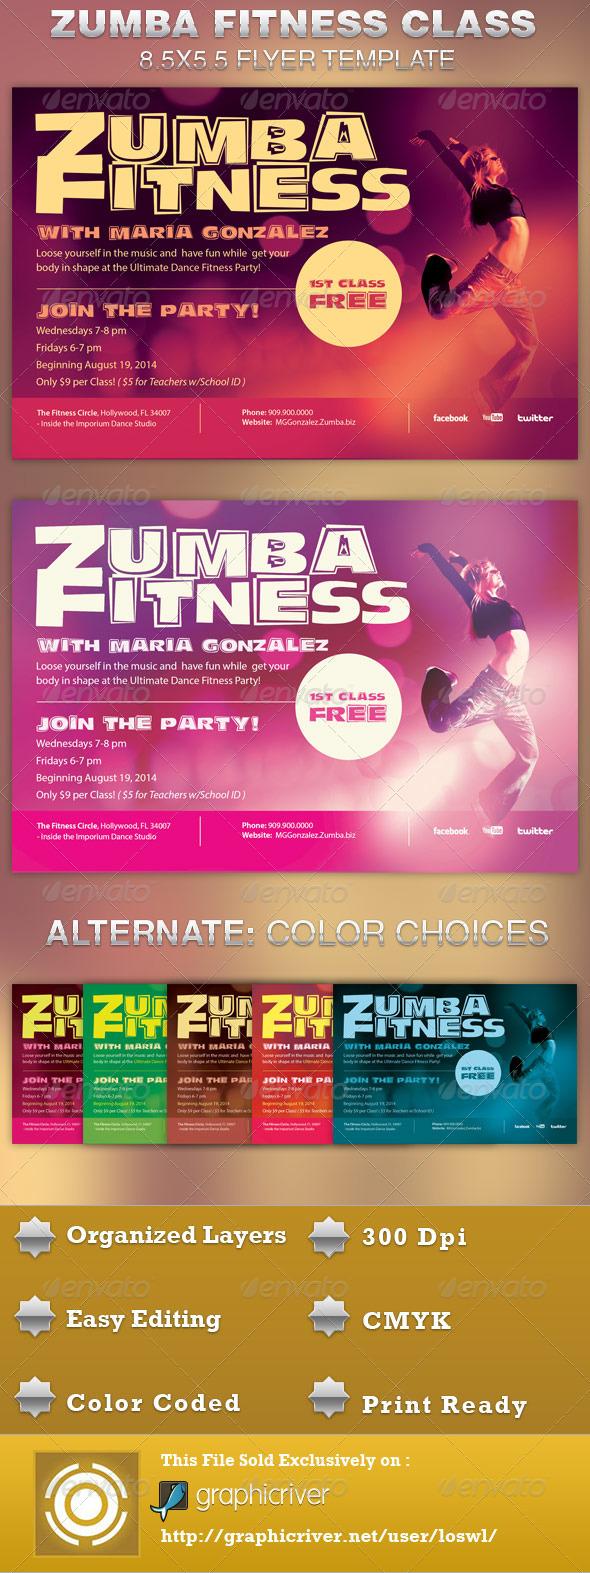 Zumba Fitness Class Flyer Template